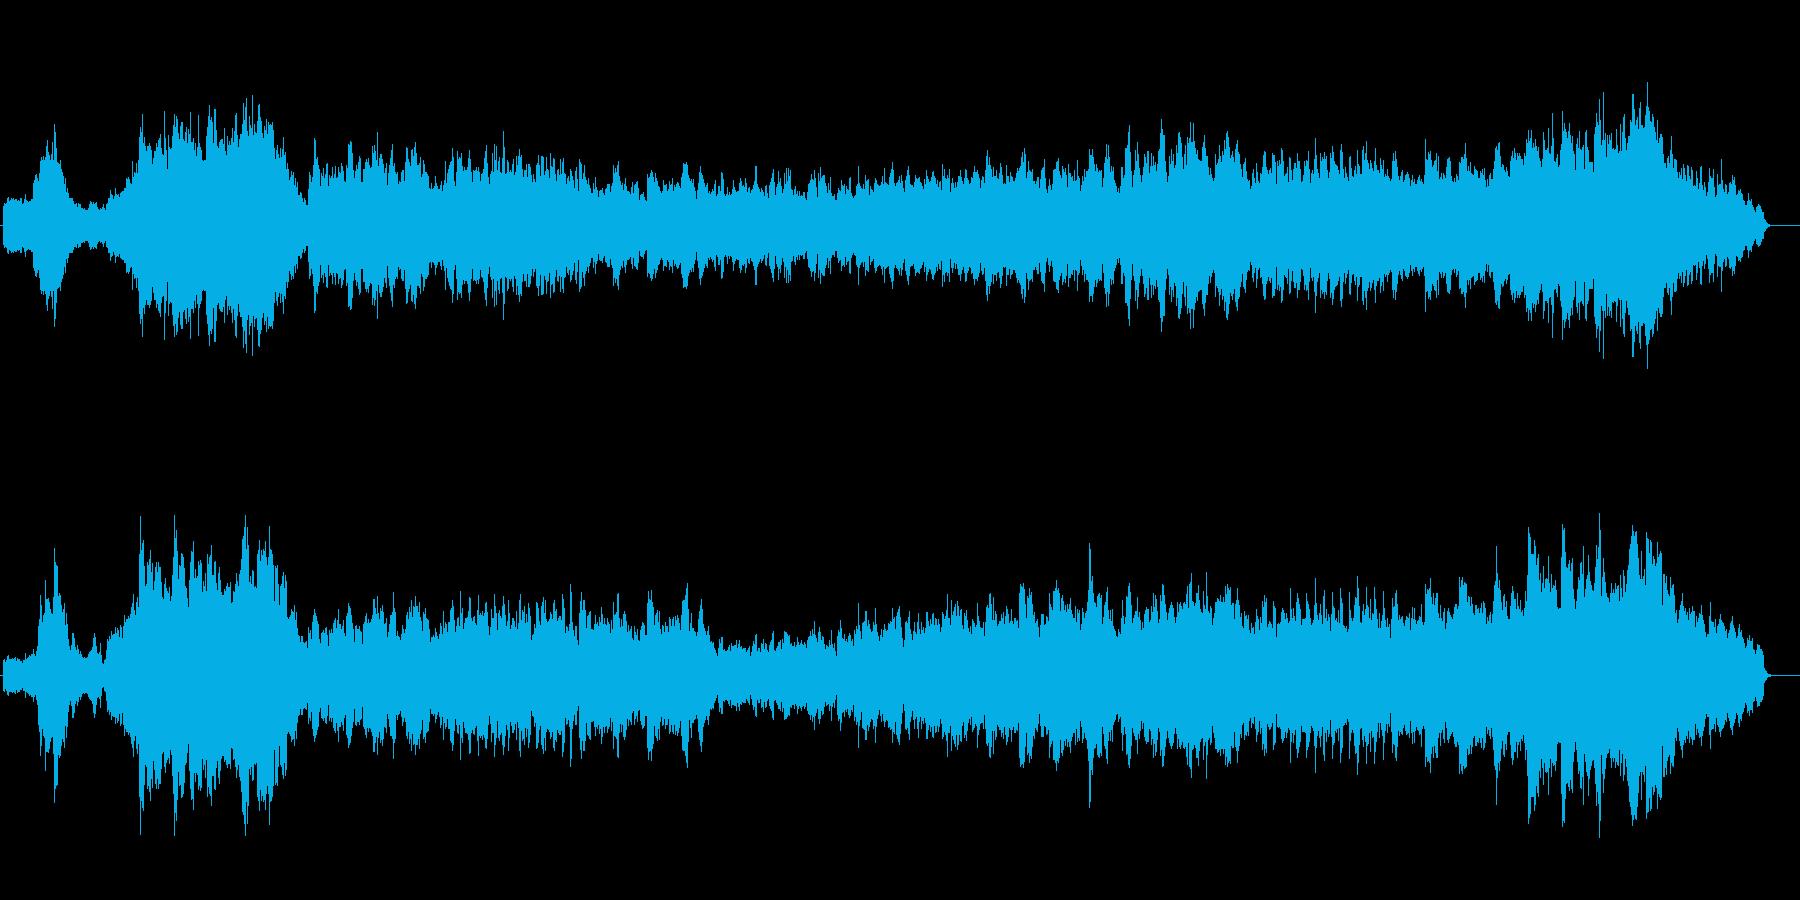 優雅なオーケストレーション・サウンドの再生済みの波形